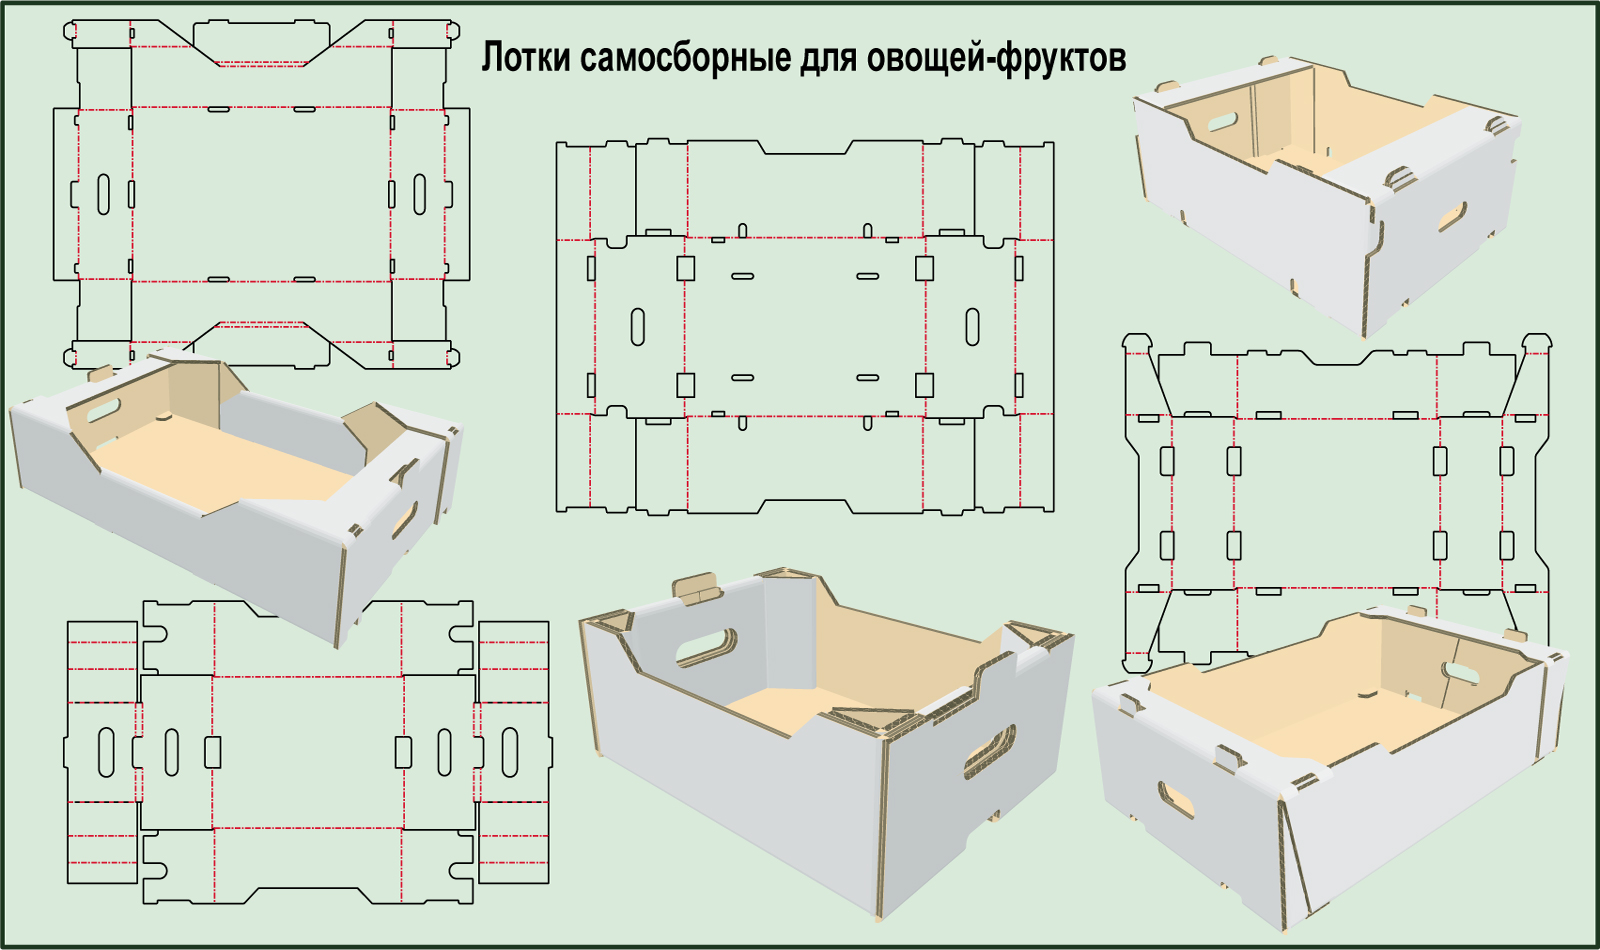 Производство упаковки на основе штанцформ плюсы и минусы